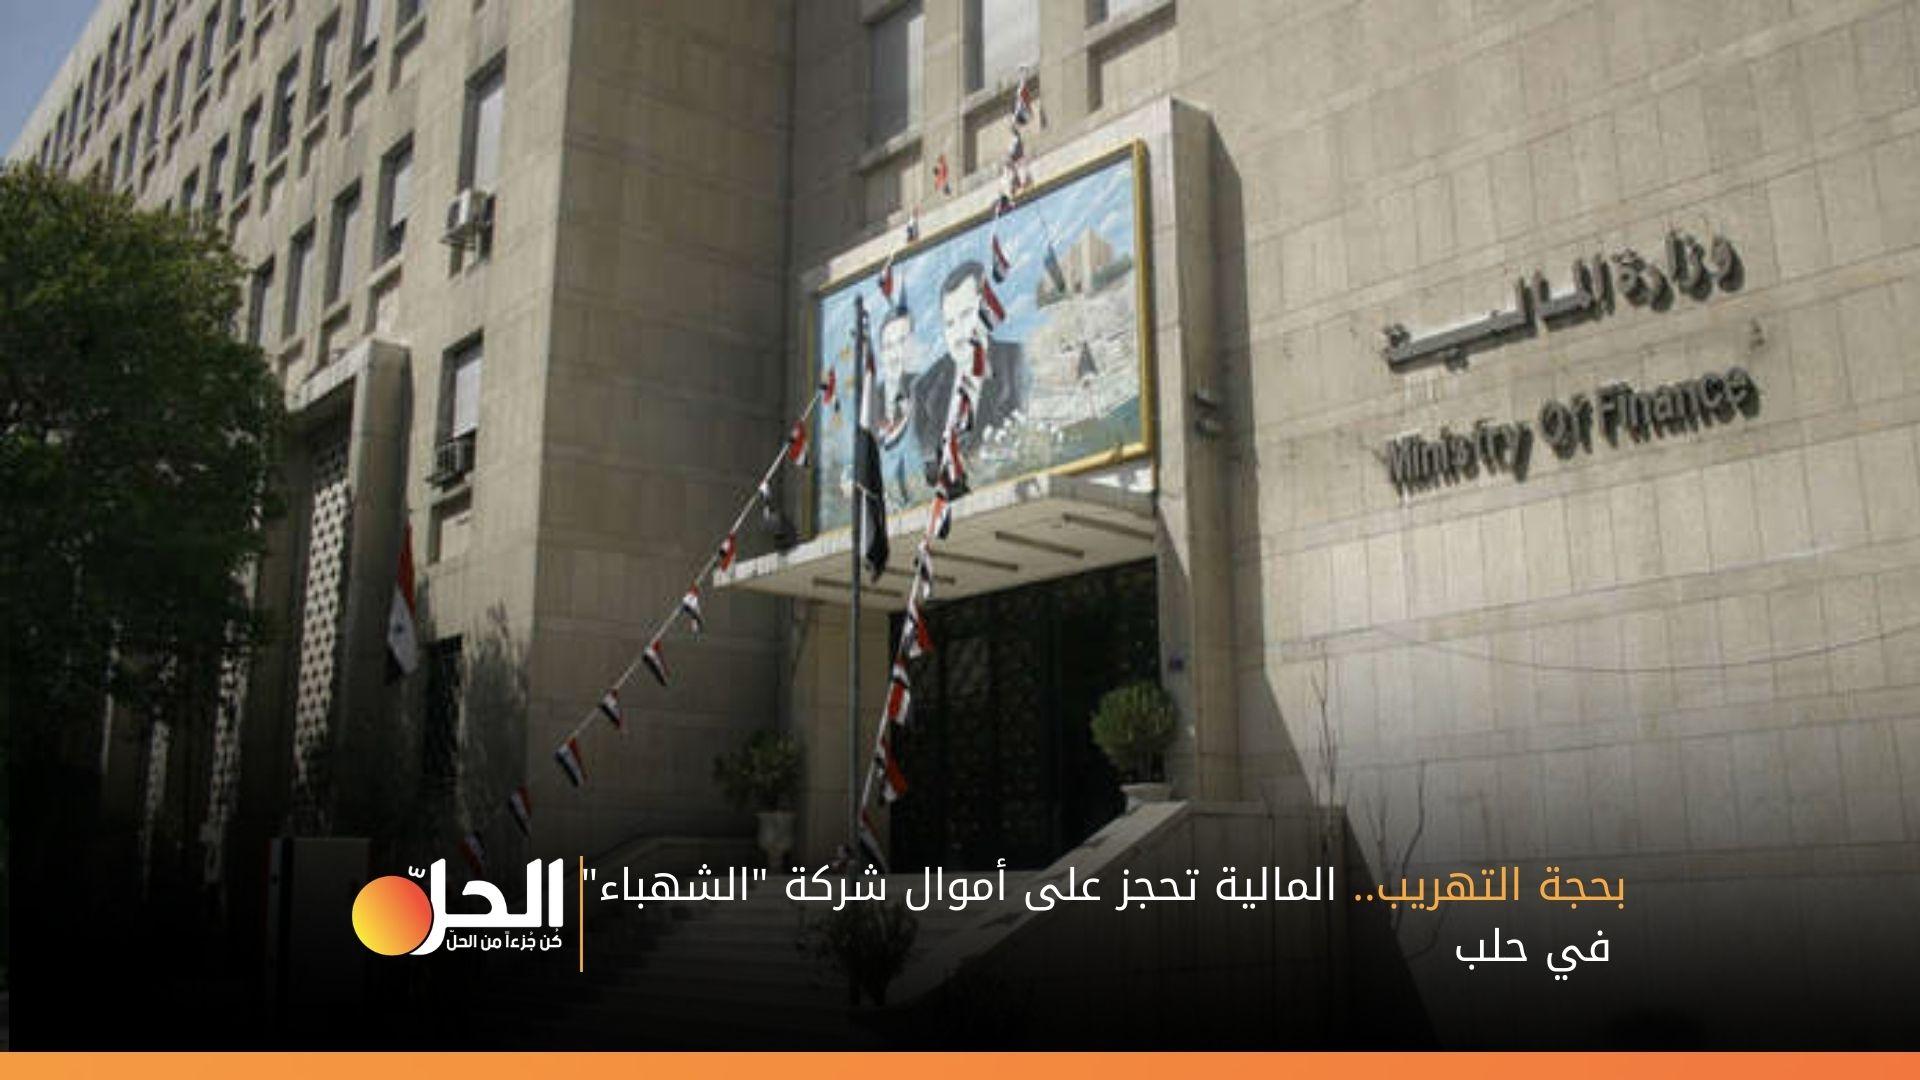 """بحجة التهريب.. المالية تحجز على أموال شركة """"الشهباء"""" في حلب"""